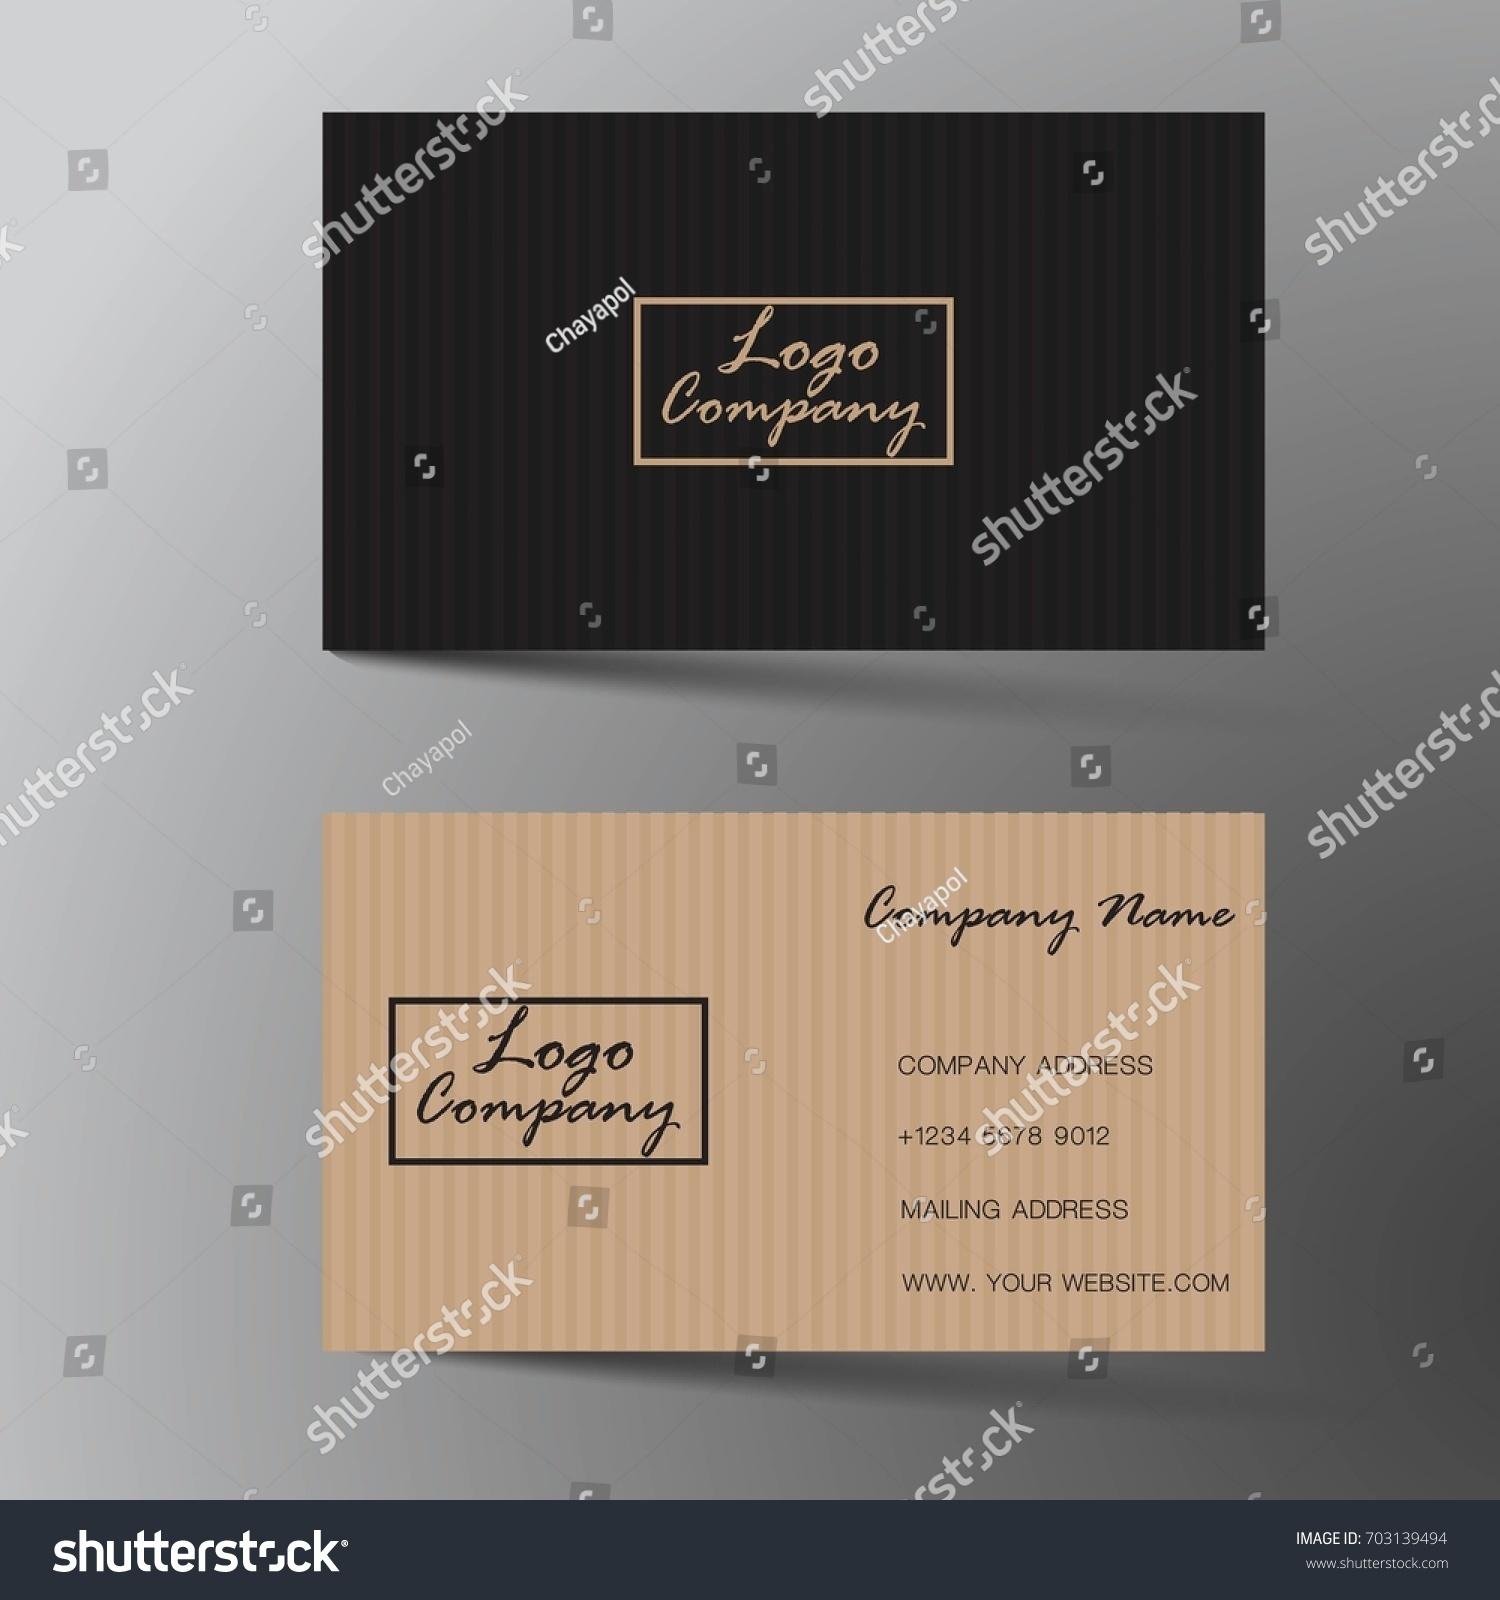 Modern business card design inspiration abstract classic stock modern business card design with inspiration from the abstract classic style reheart Images